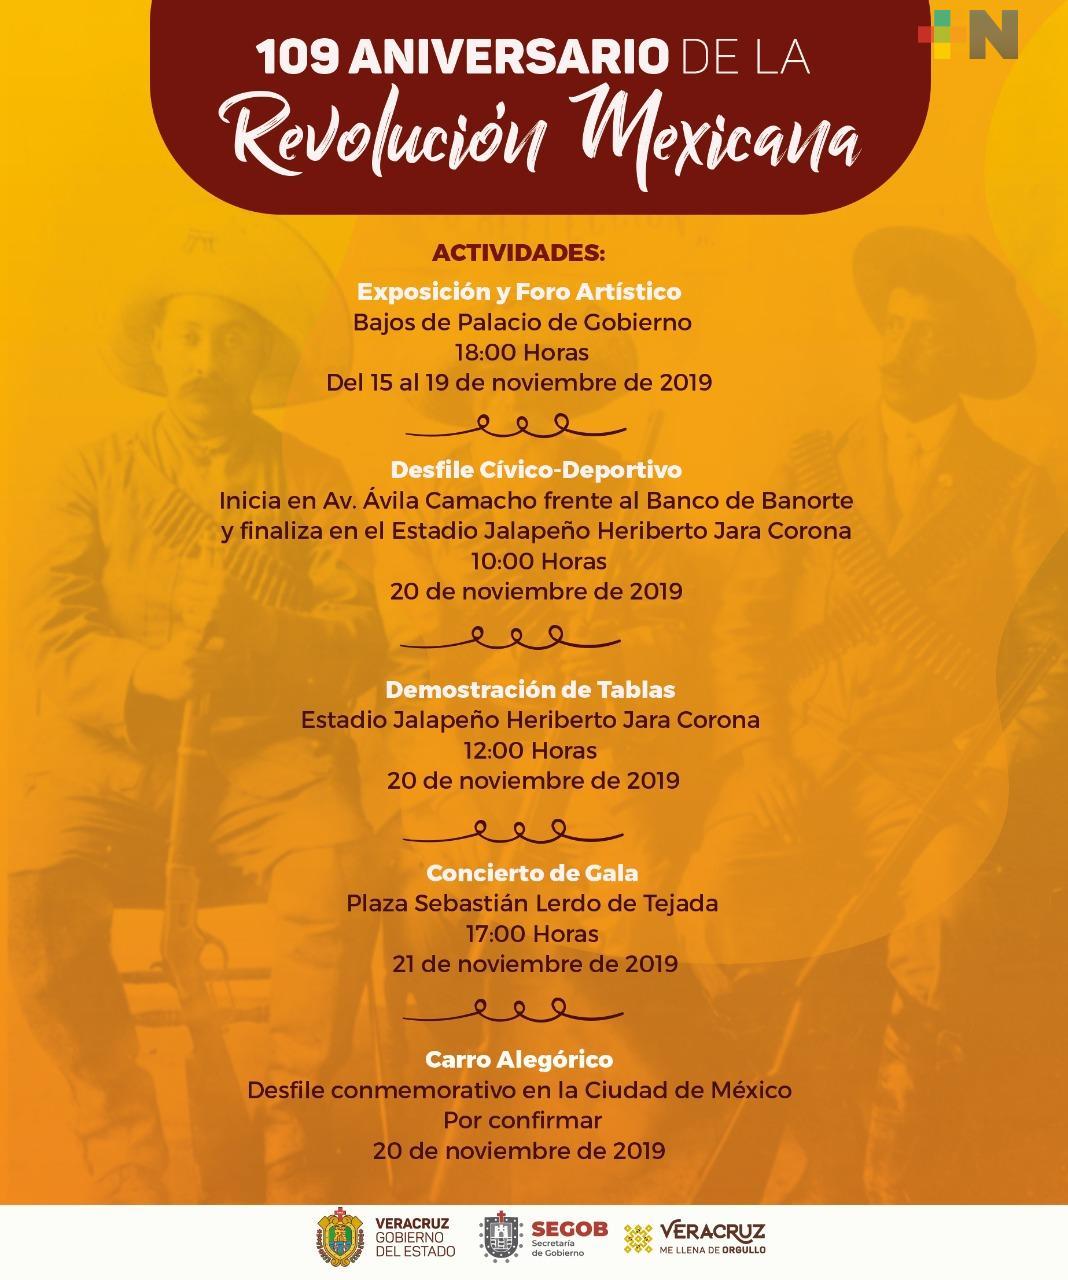 Invitan a participar en las actividades culturales por el 109 Aniversario de la Revolución Mexicana